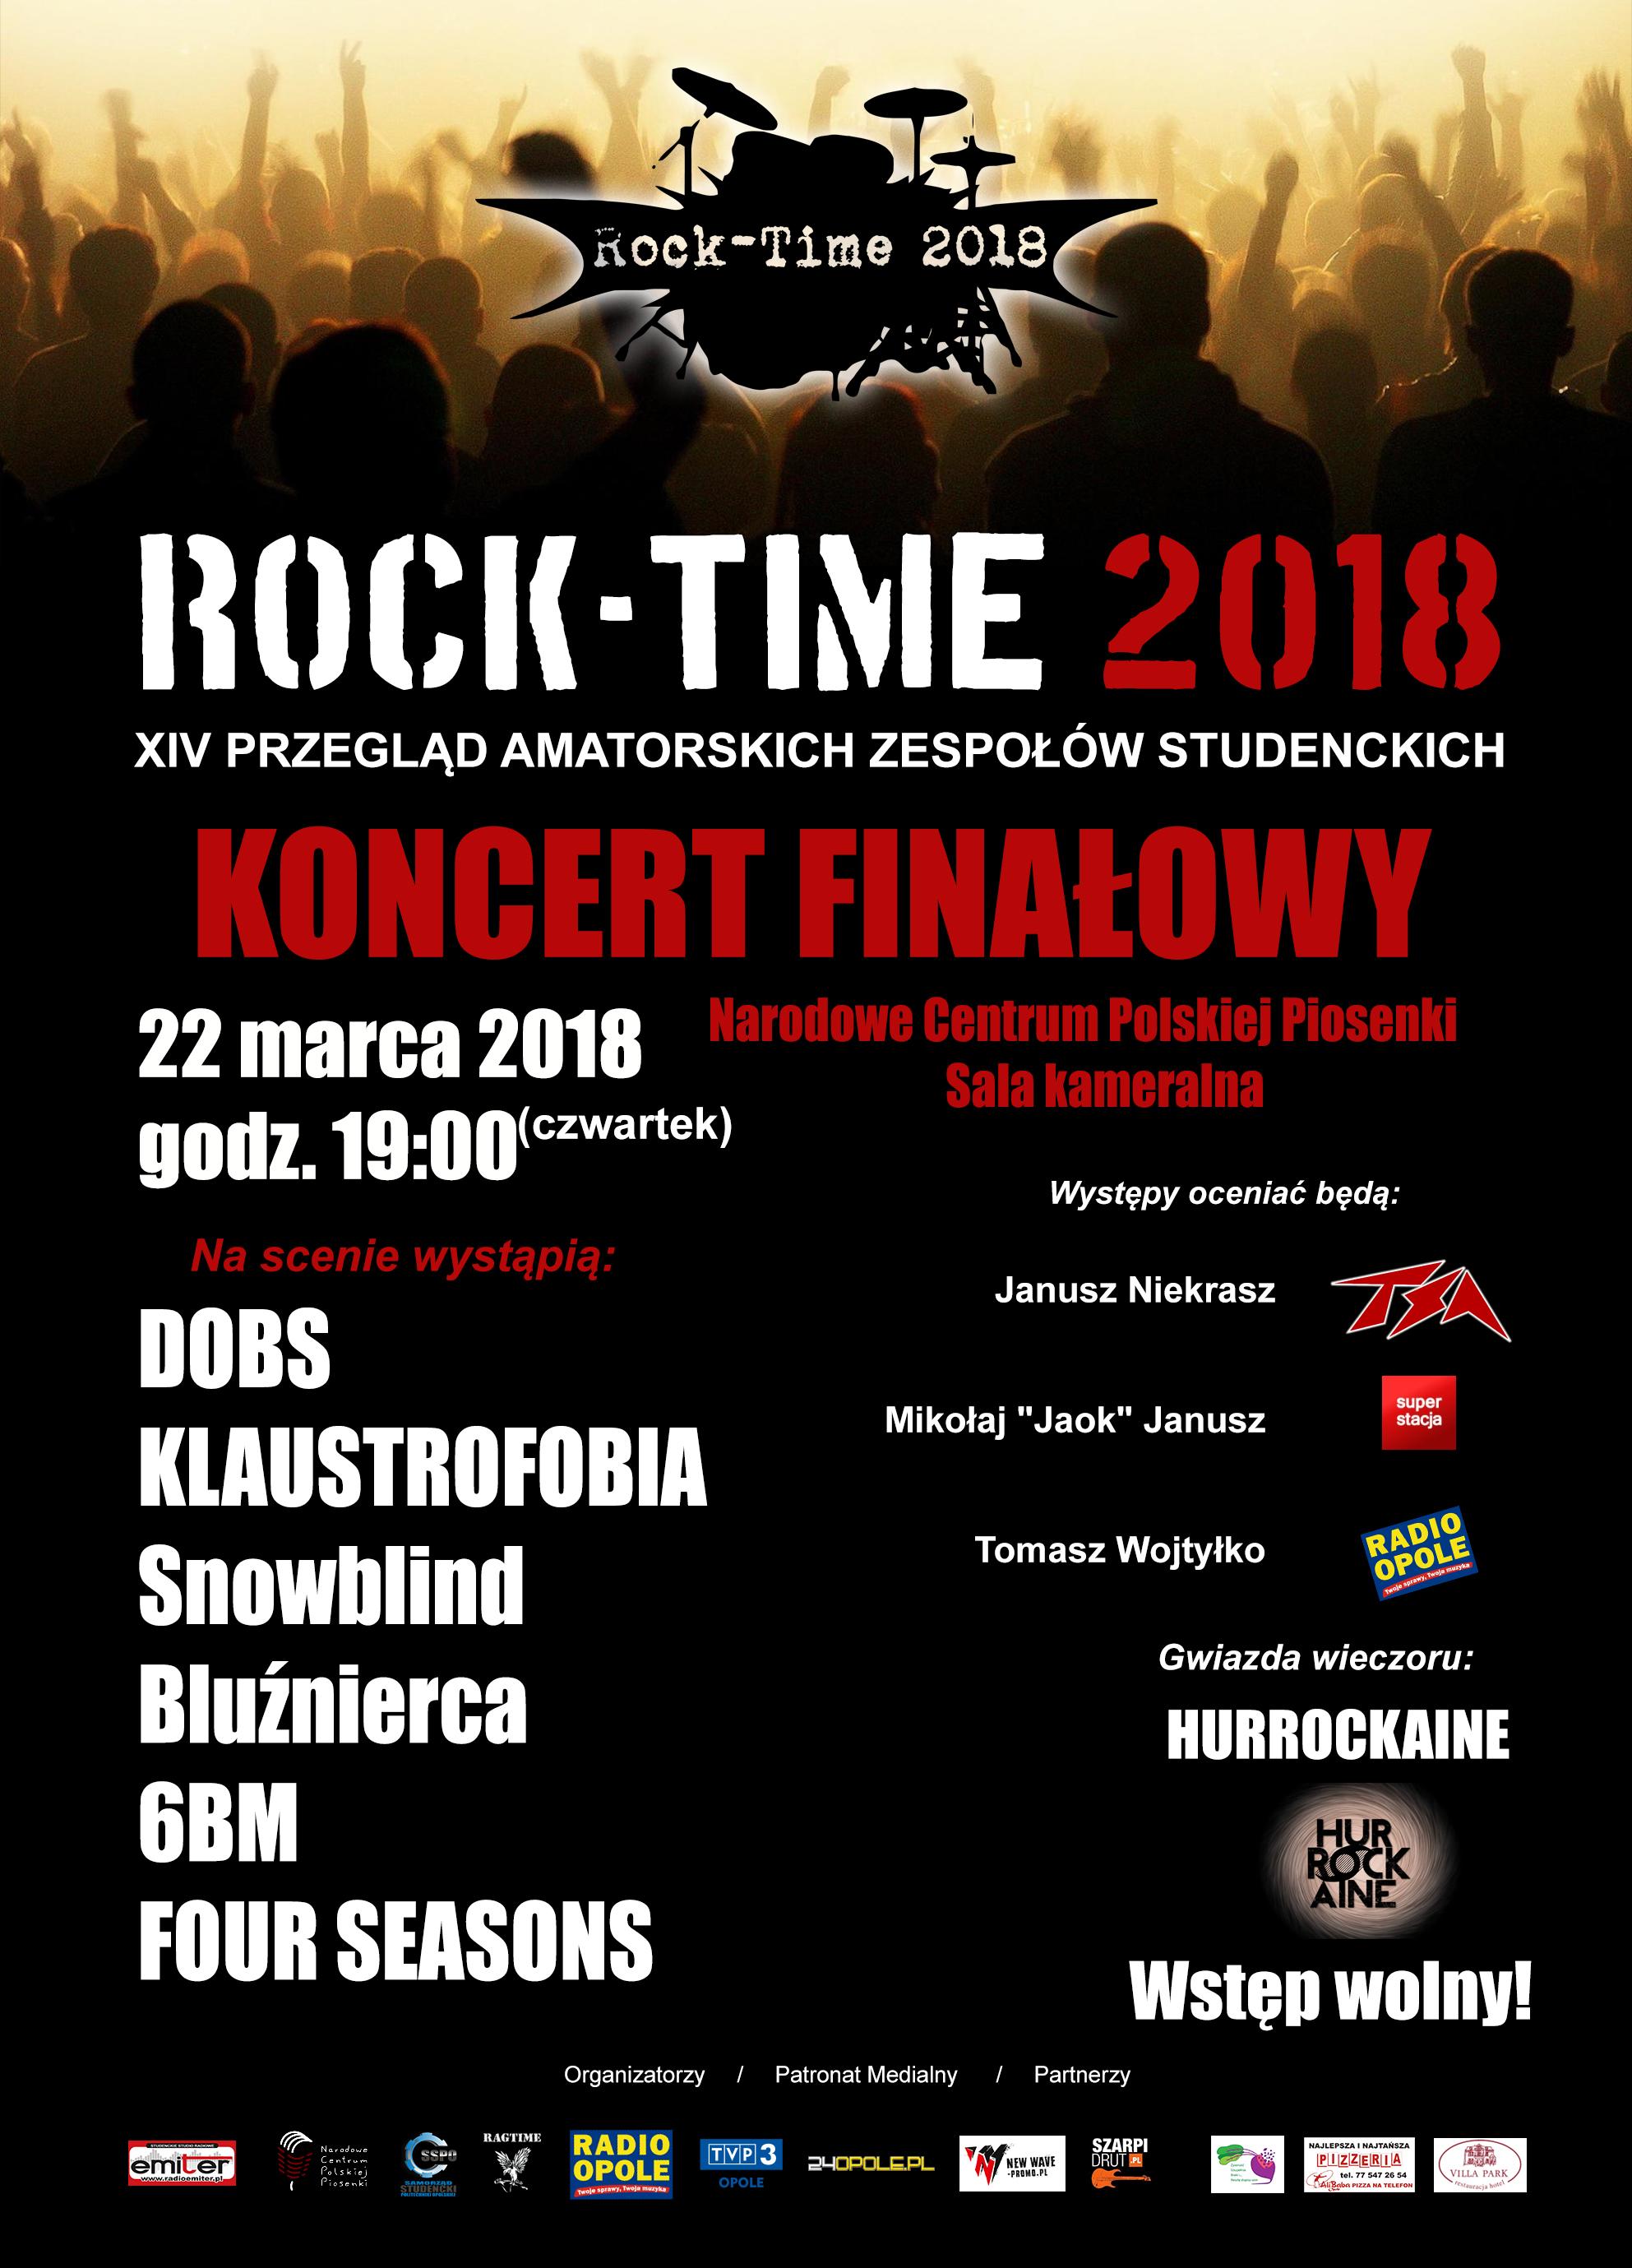 Plakat 'Rock-Time 2018' [materiały organizatora]